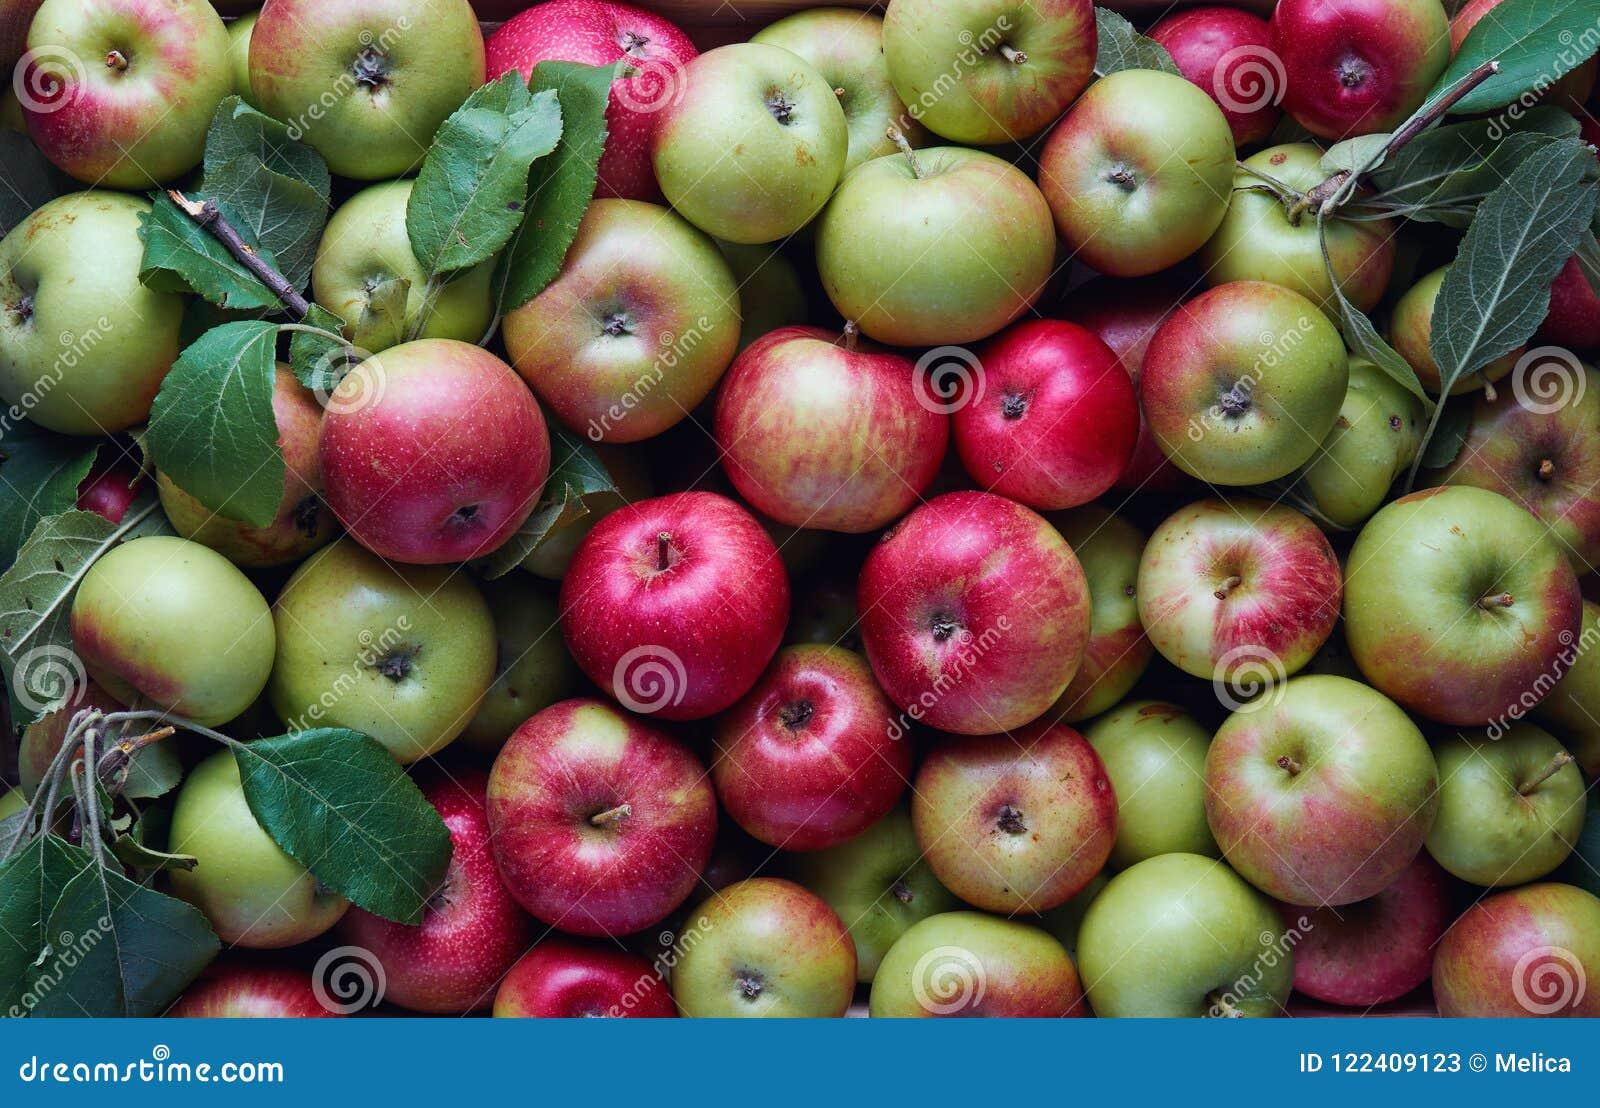 Veel appelen in een krat